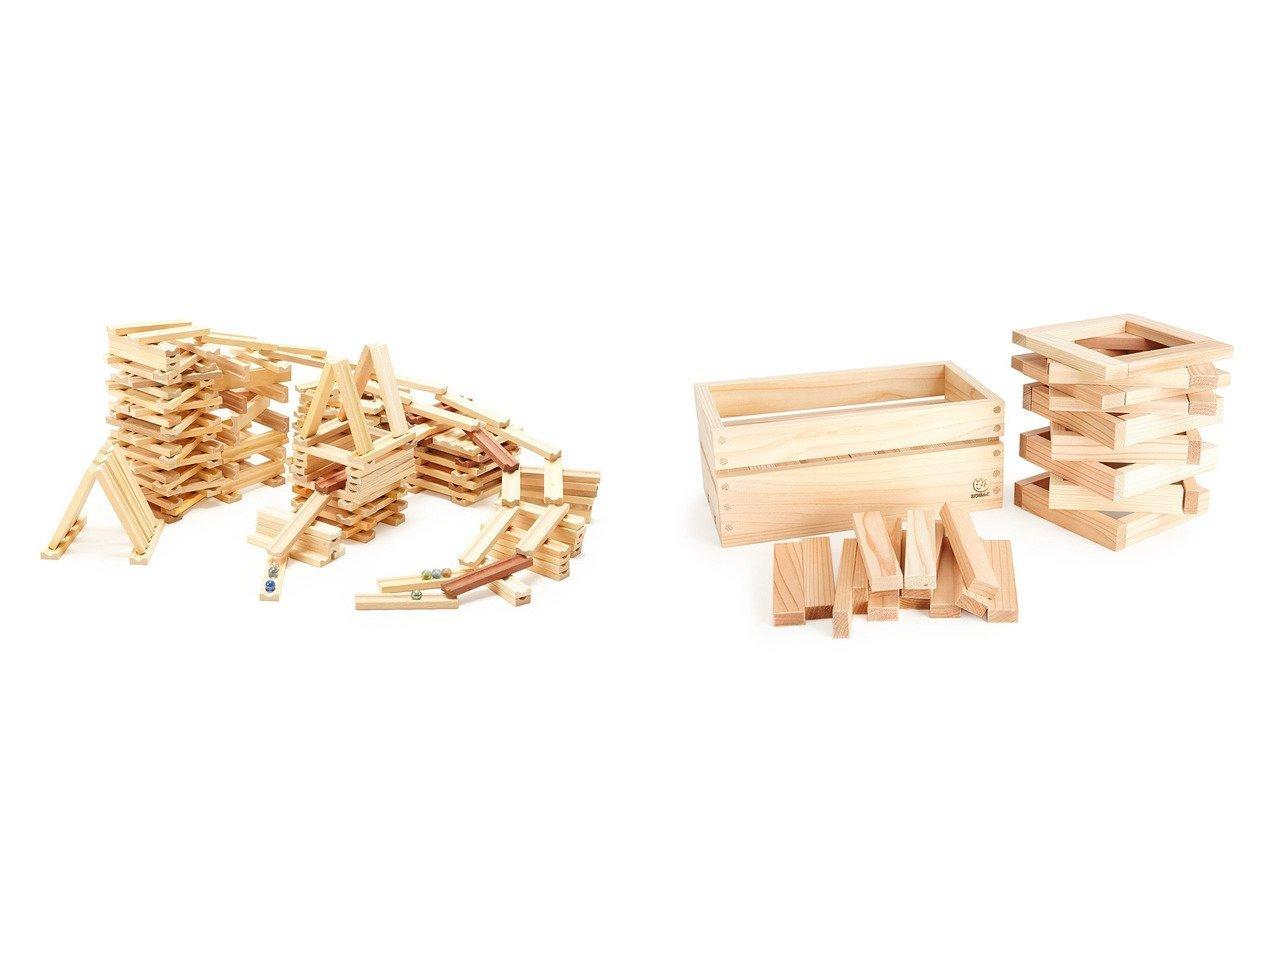 【Kimura Woodcraft Factory/木村木品製作所】のわらはんど ツミックス わらはんど ツミックス500&わらはんど うづくり積み木 80ピース わらはんど うづくり積み木 80ピース 【日本製 キッズ FURNITURE】おすすめ!人気、インテリア雑貨・家具の通販 おすすめで人気の流行・トレンド、ファッションの通販商品 インテリア・家具・メンズファッション・キッズファッション・レディースファッション・服の通販 founy(ファニー) https://founy.com/ 送料無料 Free Shipping シンプル 夏 Summer ホーム・キャンプ・アウトドア Home,Garden,Outdoor,Camping Gear 家具・インテリア Furniture キッズ家具 Kids' Furniture  ID:crp329100000055135